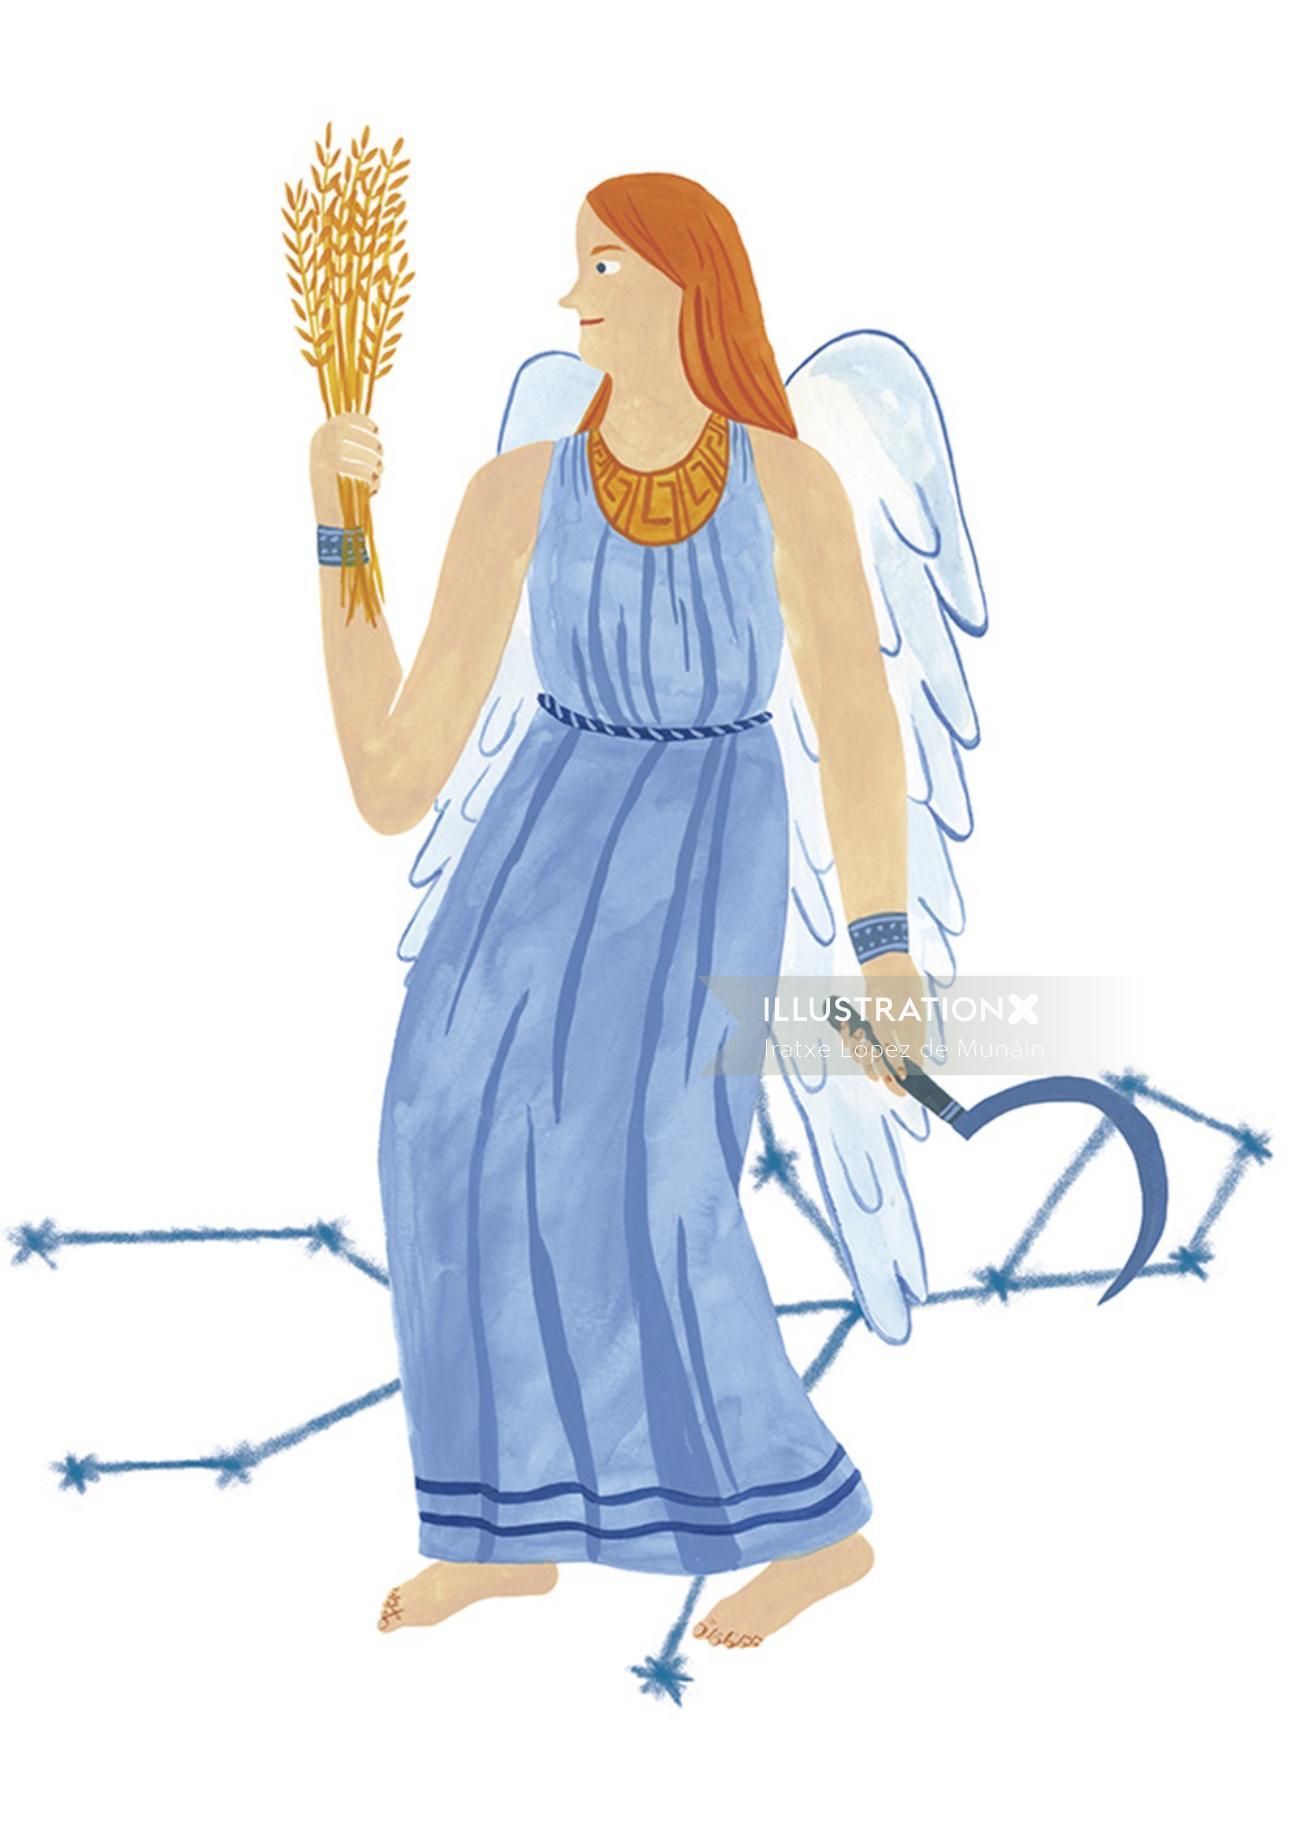 horoscope, people, life style, magazine, flatcolour,